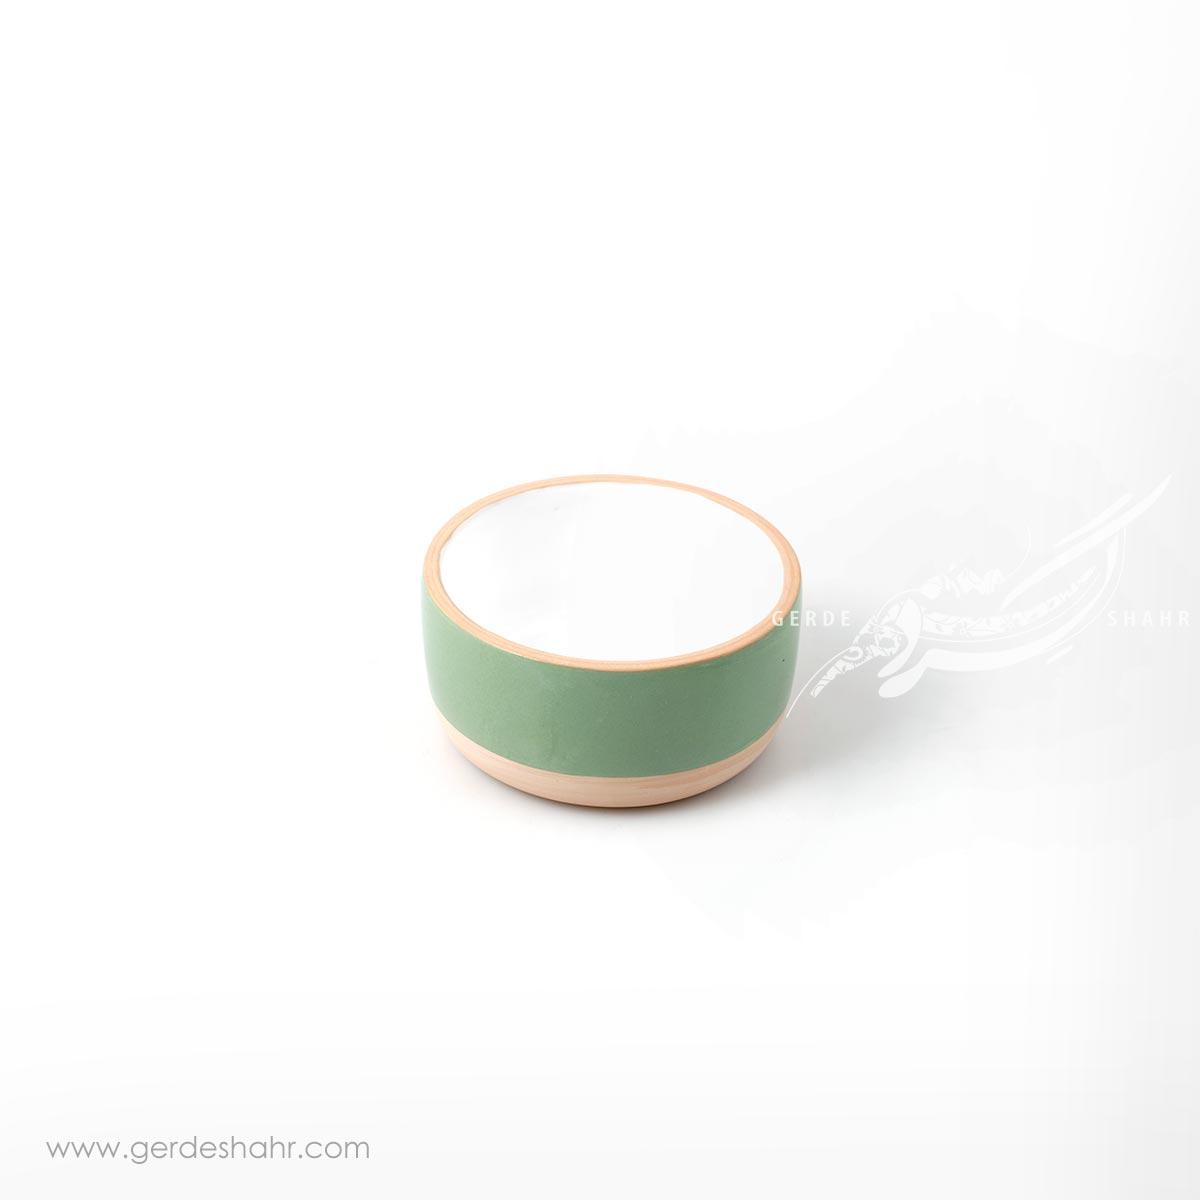 کاسه سبز روشن زین دست محصولات